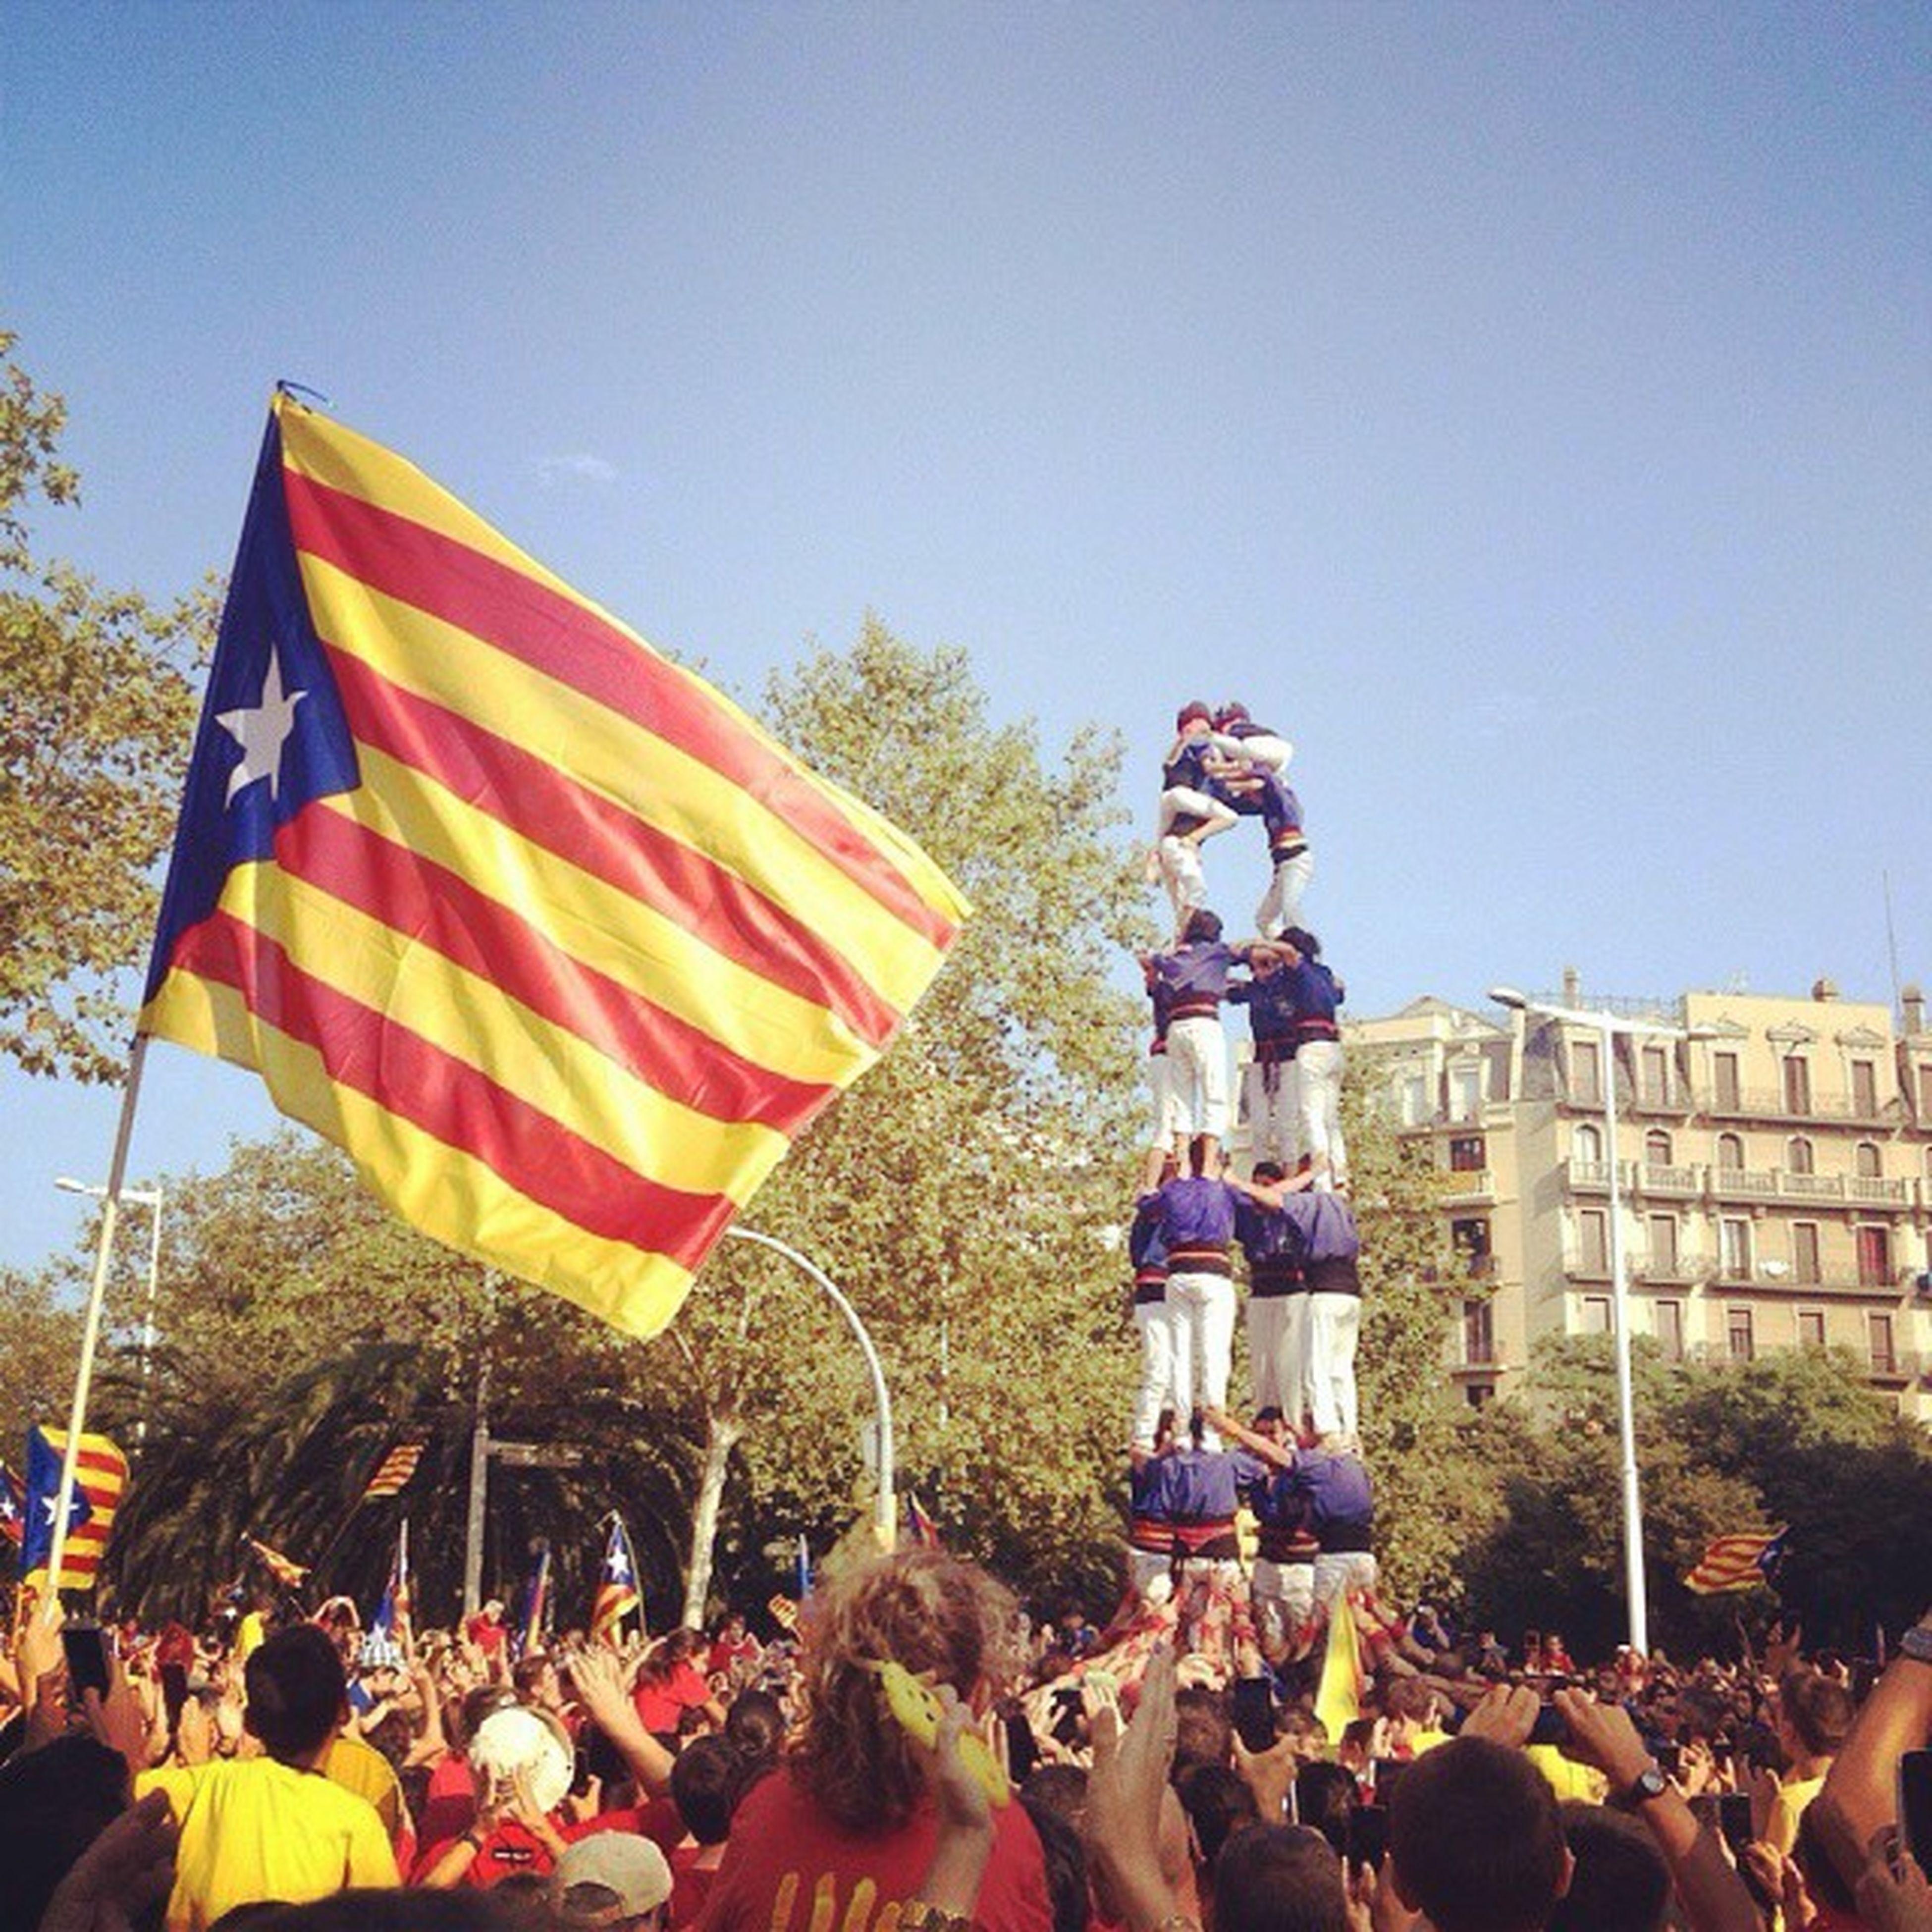 Impressionant la gent que n'hi havia (Bueno si, el catalán no es lo mio) ? Diada Catalunya Moltagent Impresionant castellers estelada pais